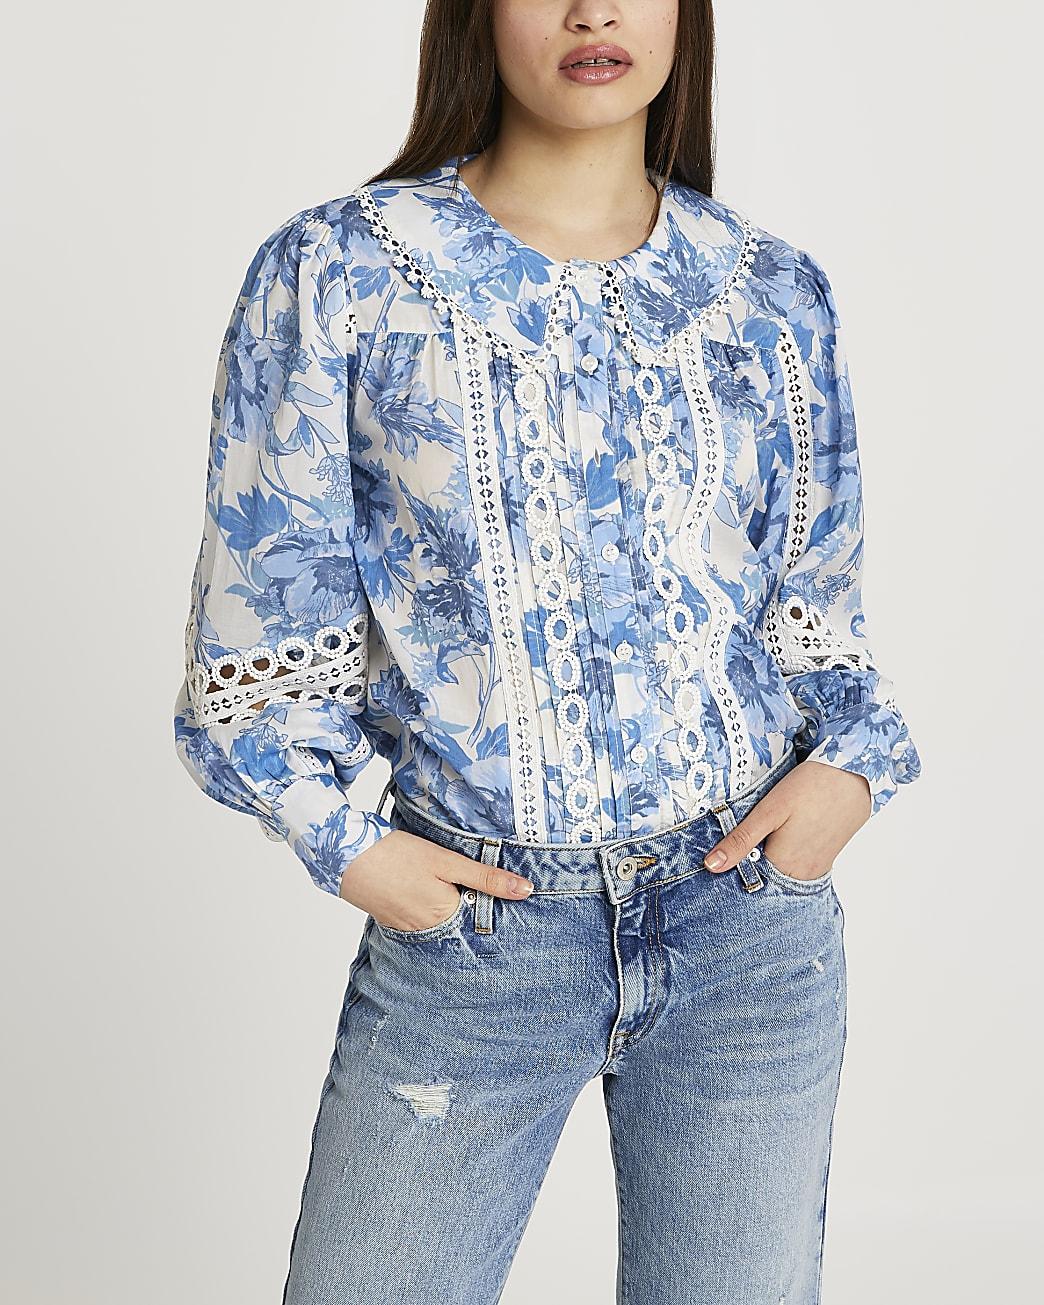 Blue floral lace trim blouse top